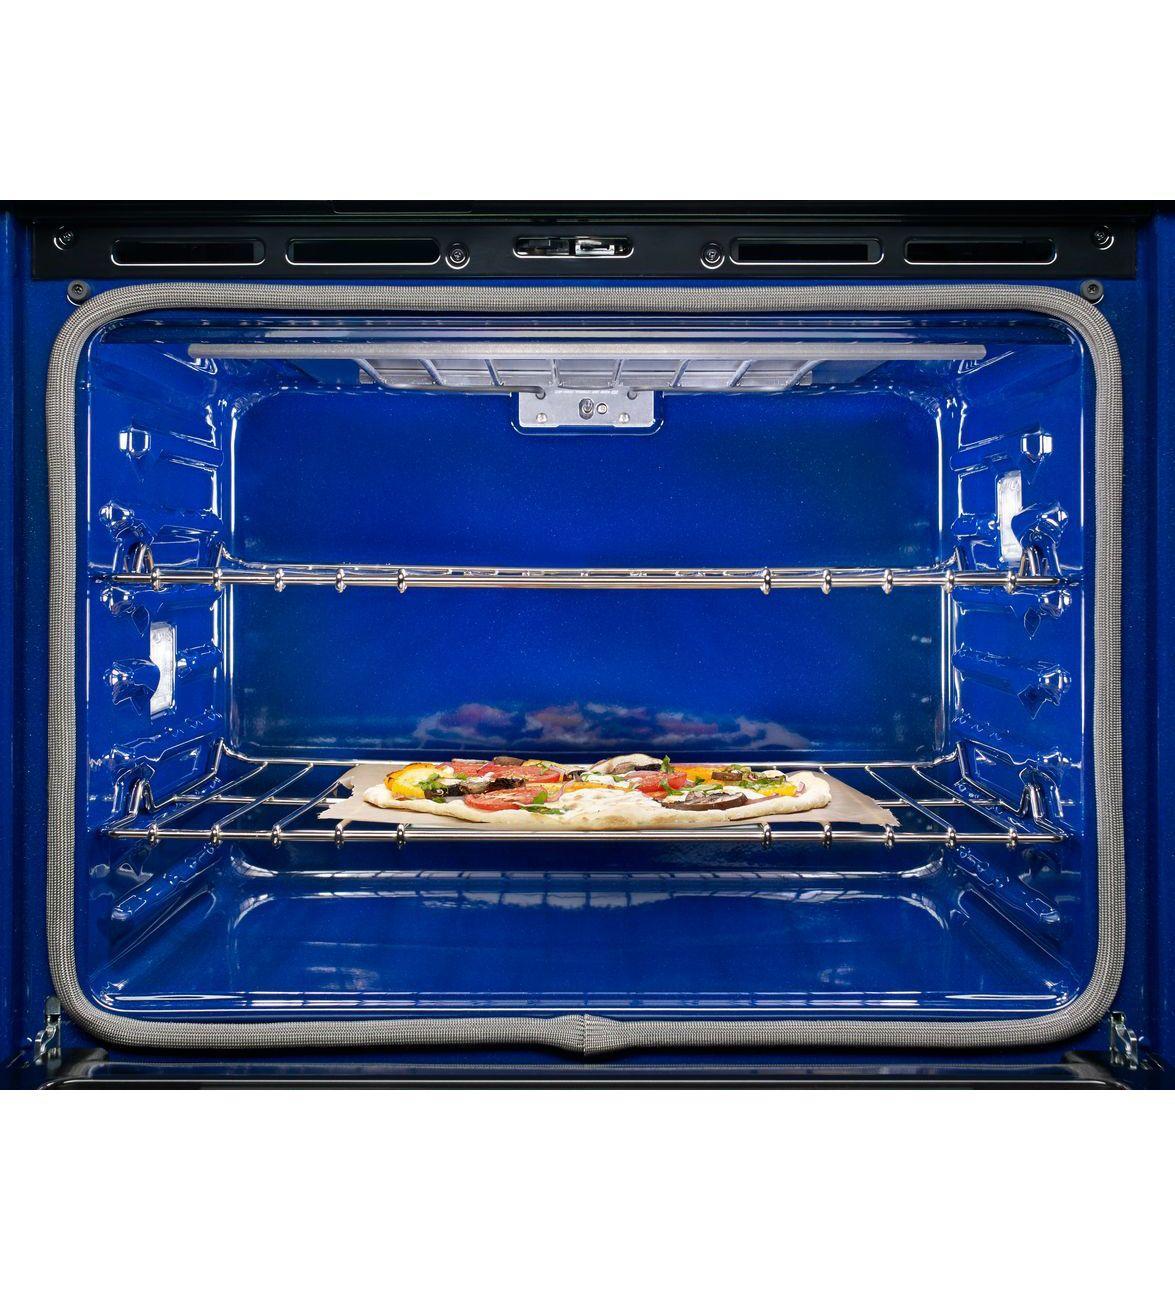 kitchenaid convection wall oven manual